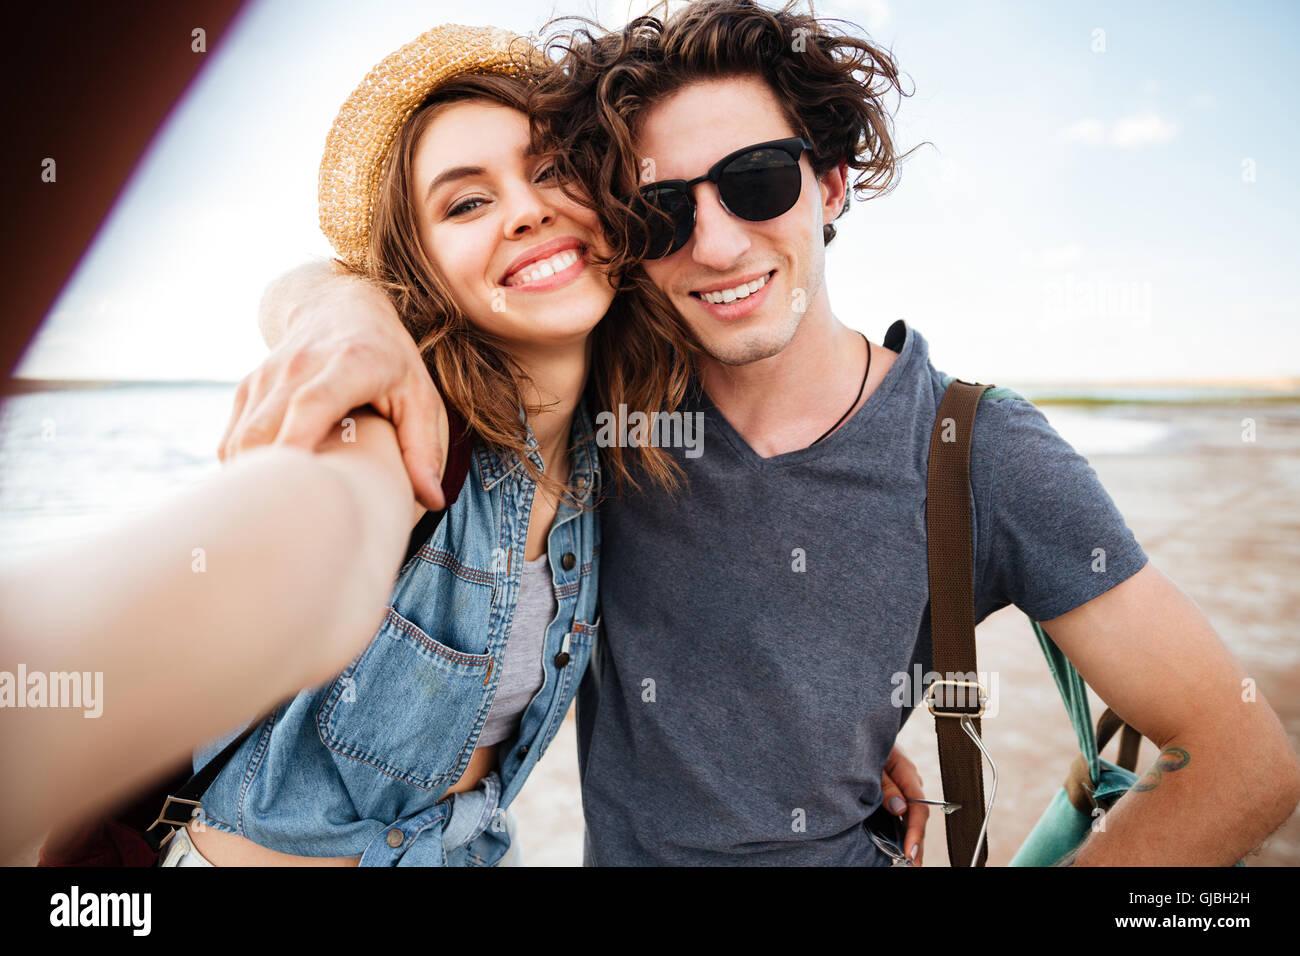 Sorridente bella coppia giovane costeggiata e tenendo selfie sulla spiaggia Immagini Stock